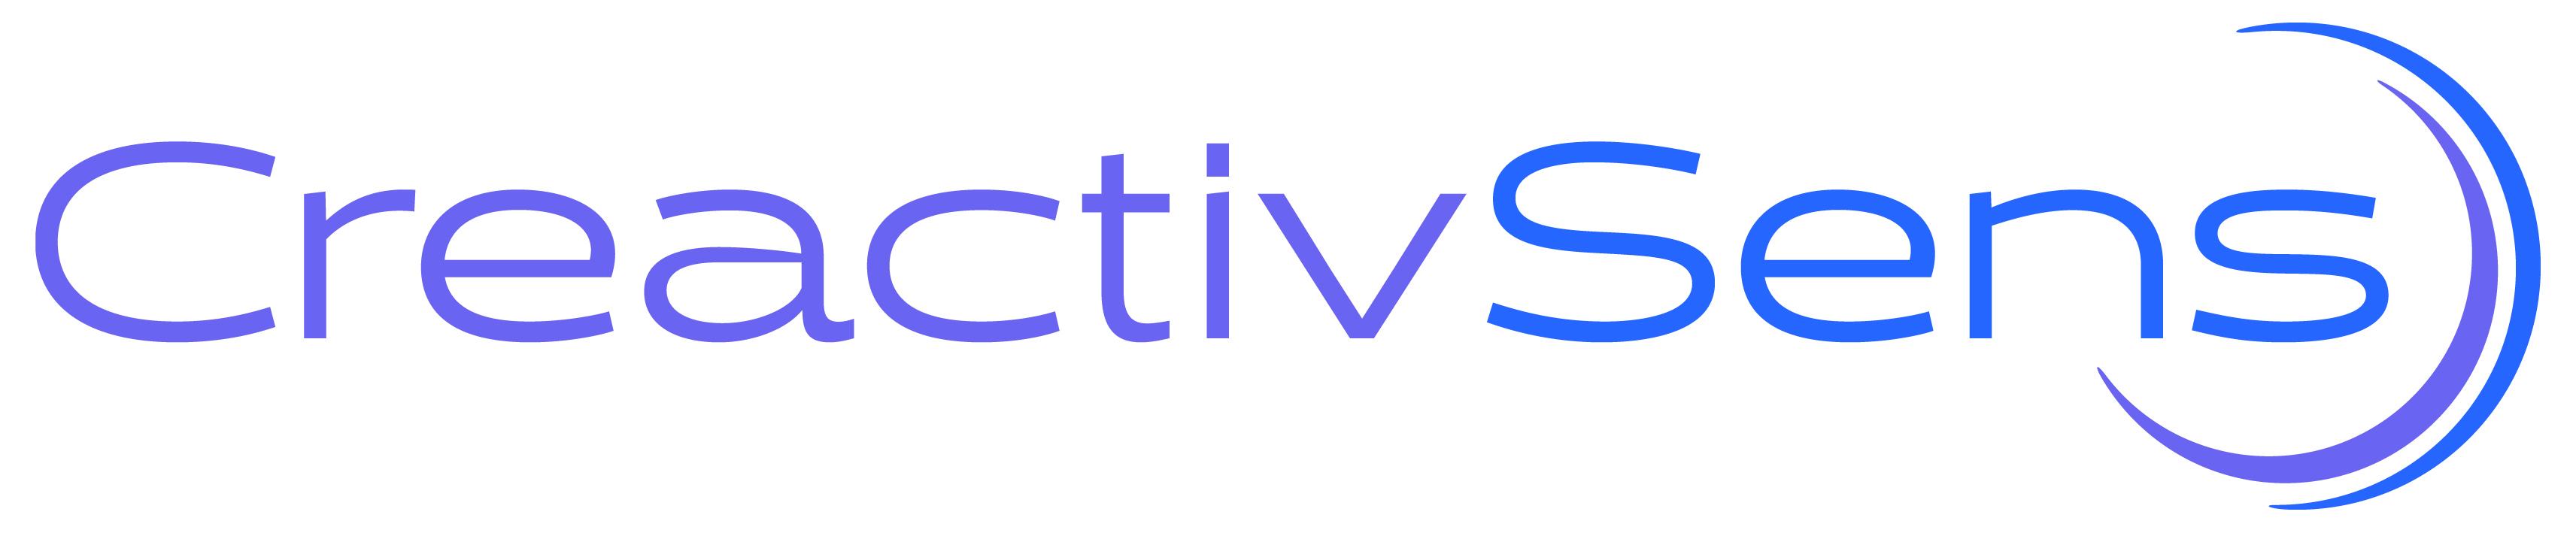 CreactivSens